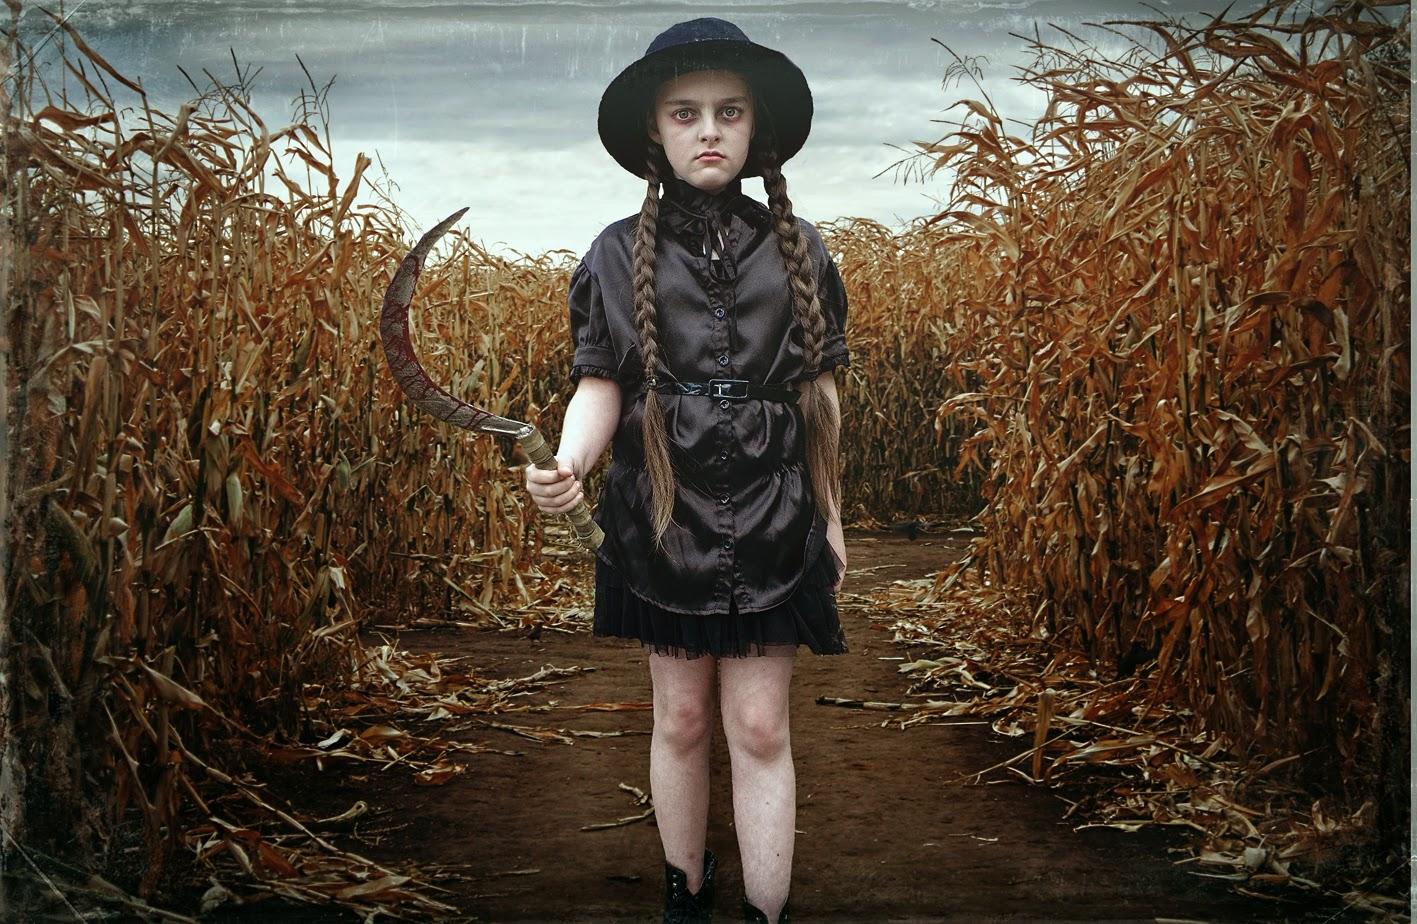 www.ChildrenoftheCornMovie.com.